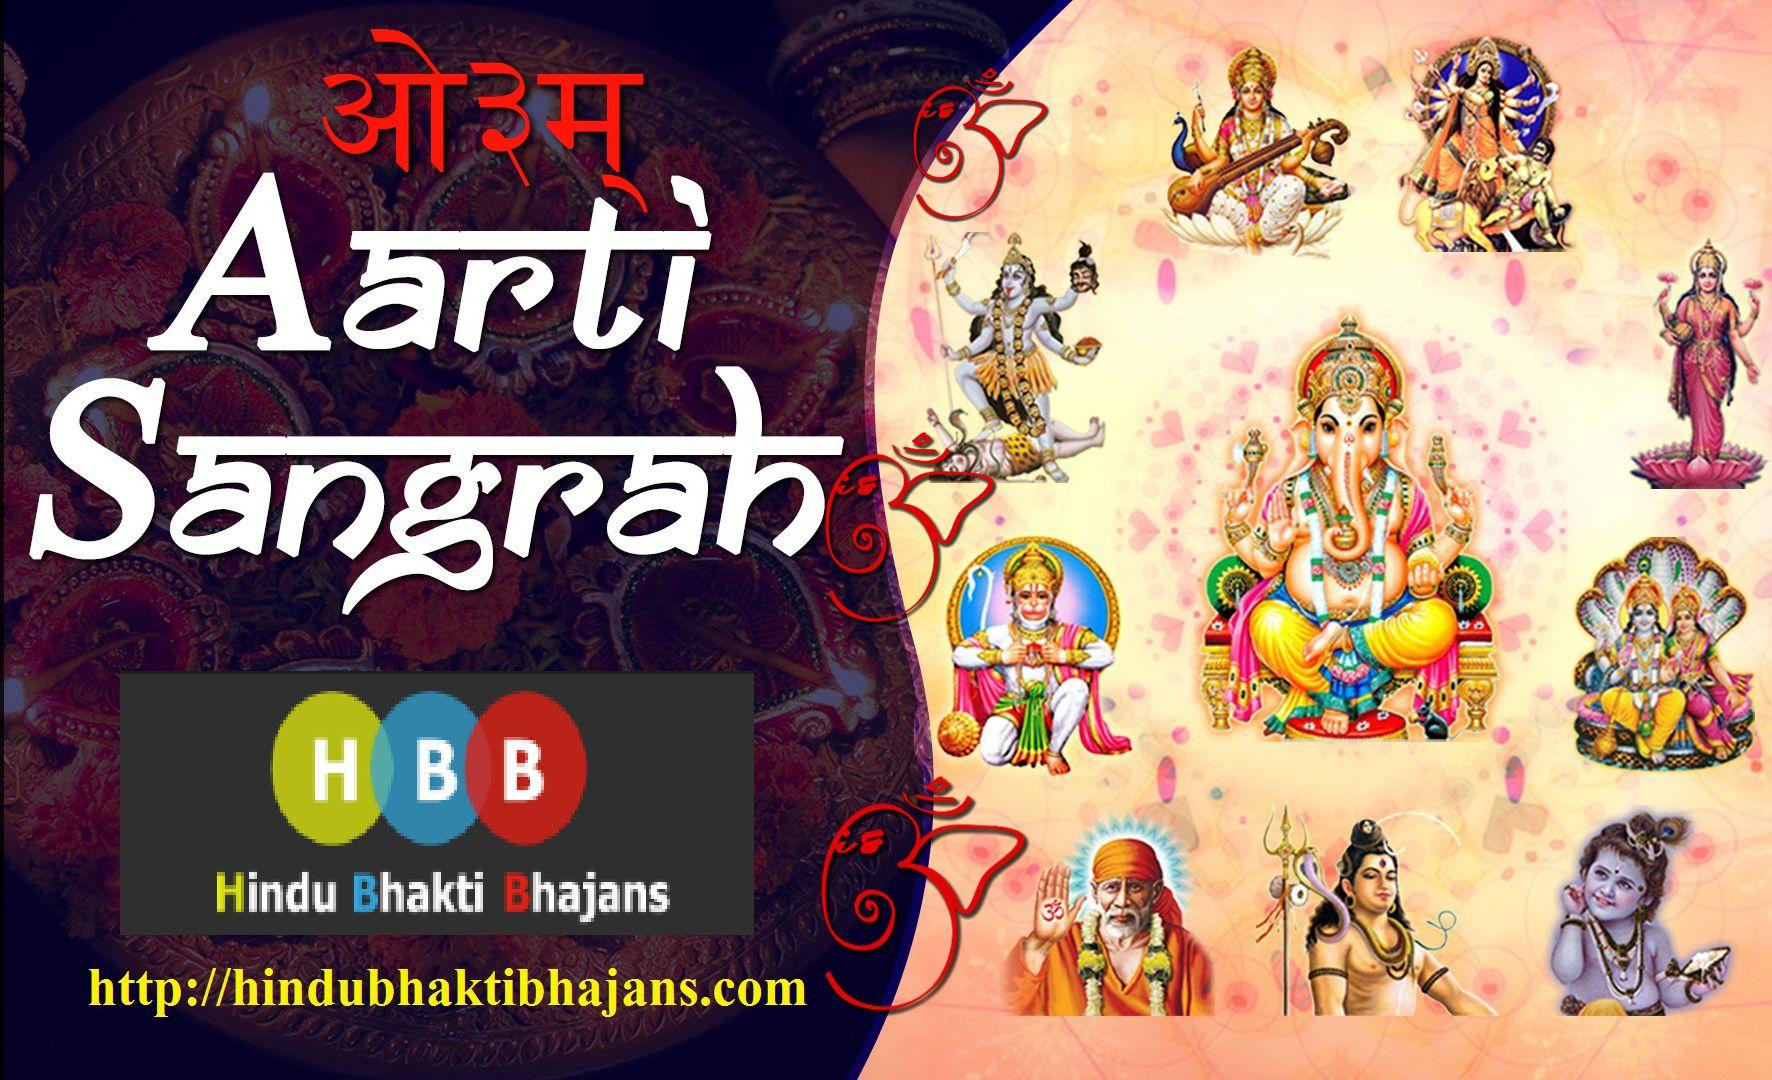 Download morning hindu bhakti bhajans and Songs MP3, Chalisas, Lord